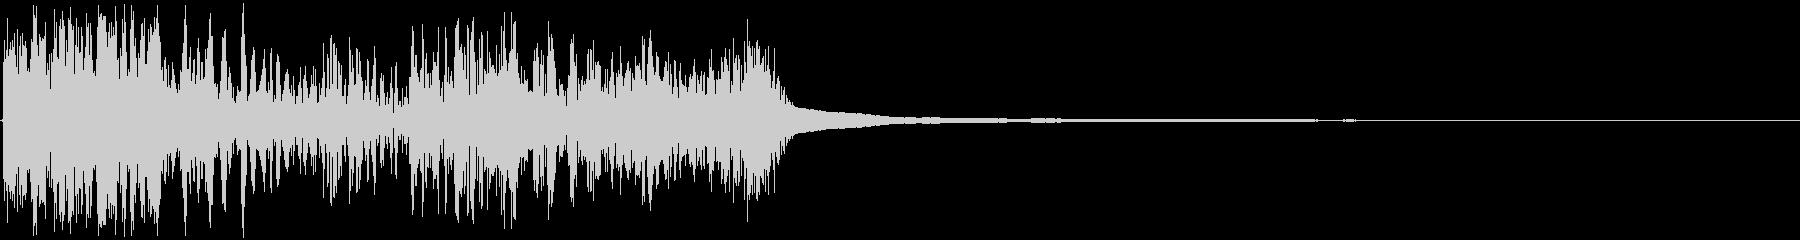 ガシュシュン(ボタン・レバー・打撃音)の未再生の波形